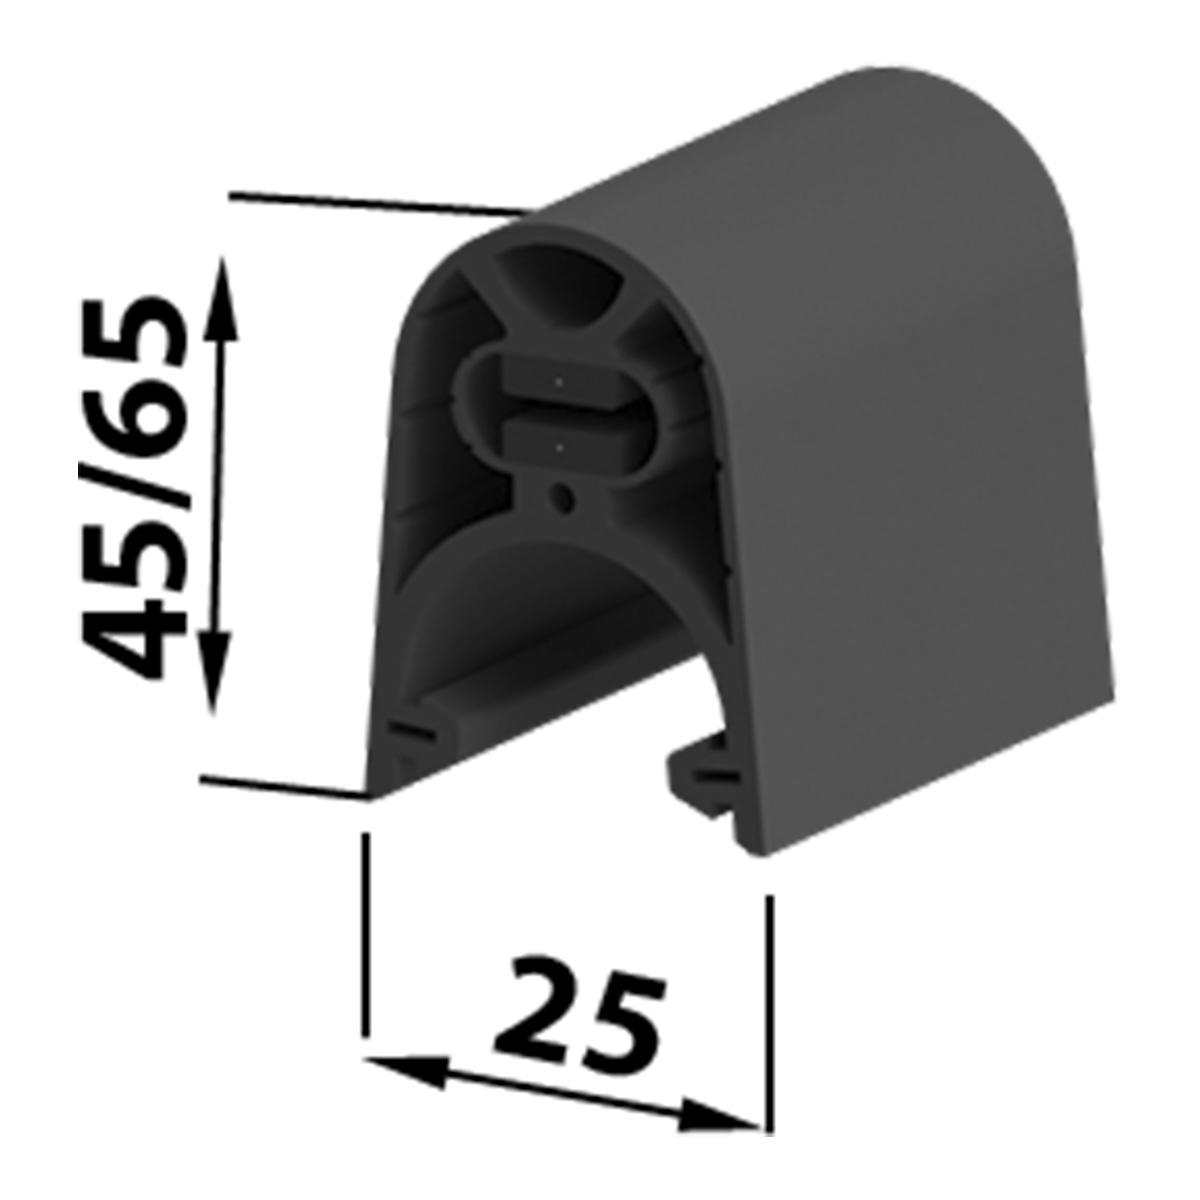 BFT aktive Sicherheitskontaktleiste 25x45mm Endleiste